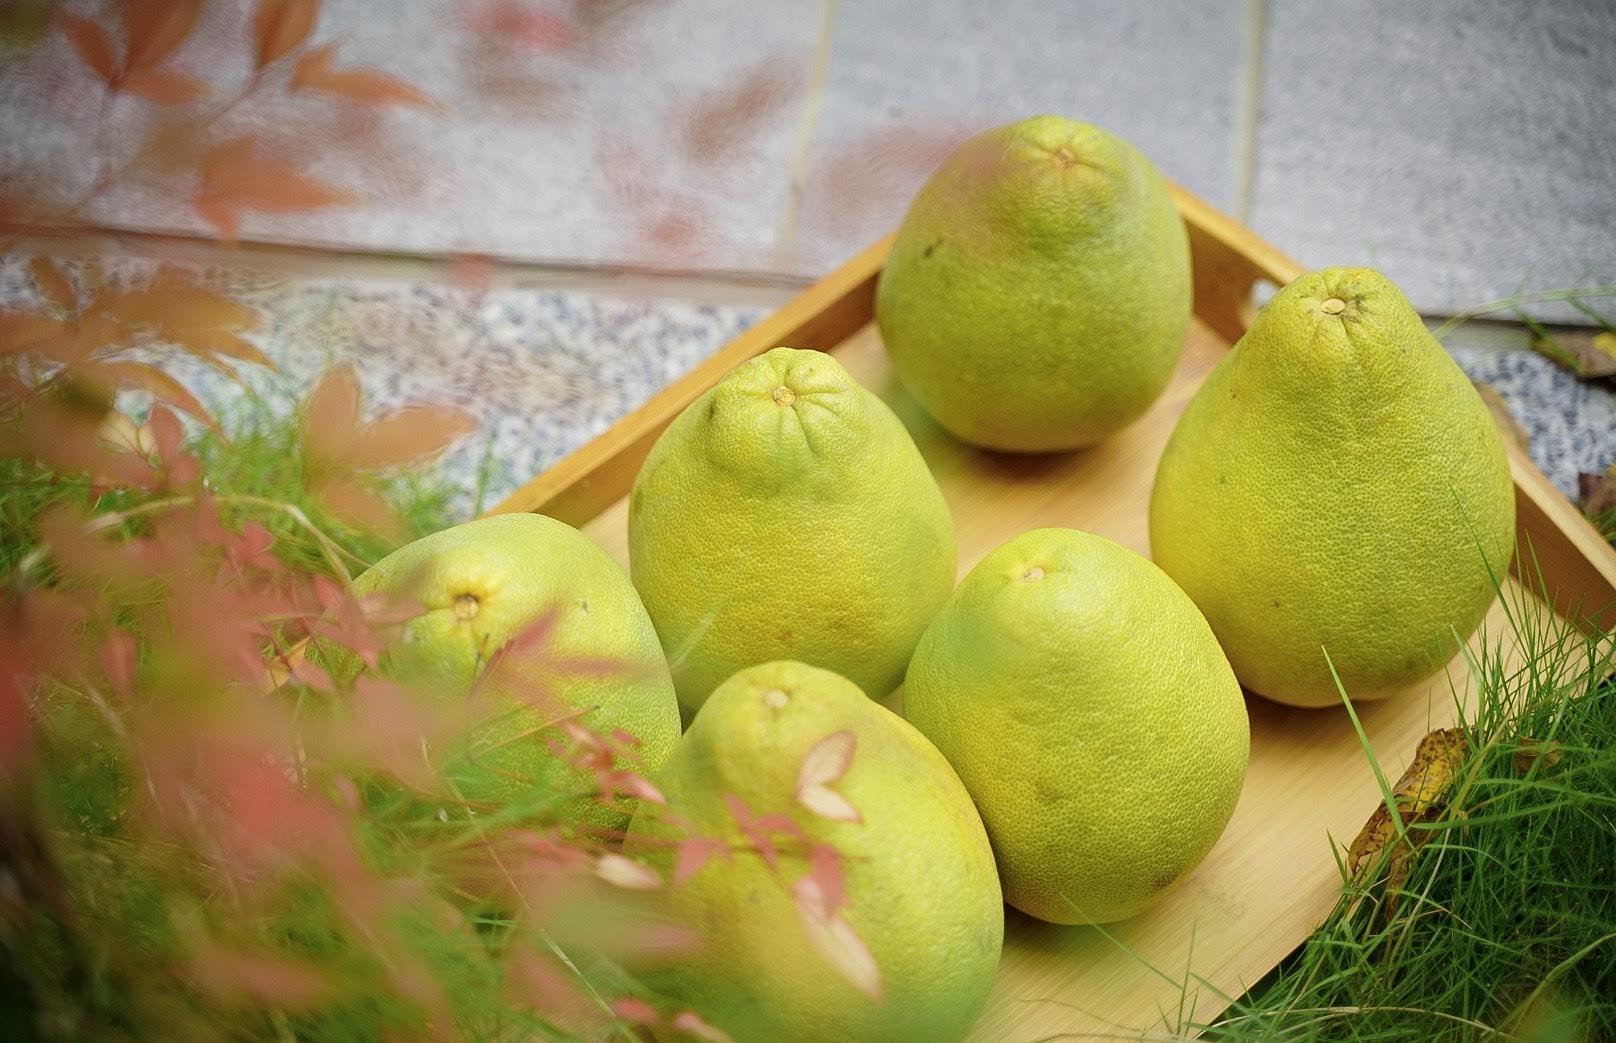 【開箱】蕙楓農場 /台南麻豆文旦/中秋送禮水果 老園 X 老欉    歲月淬煉出的美味